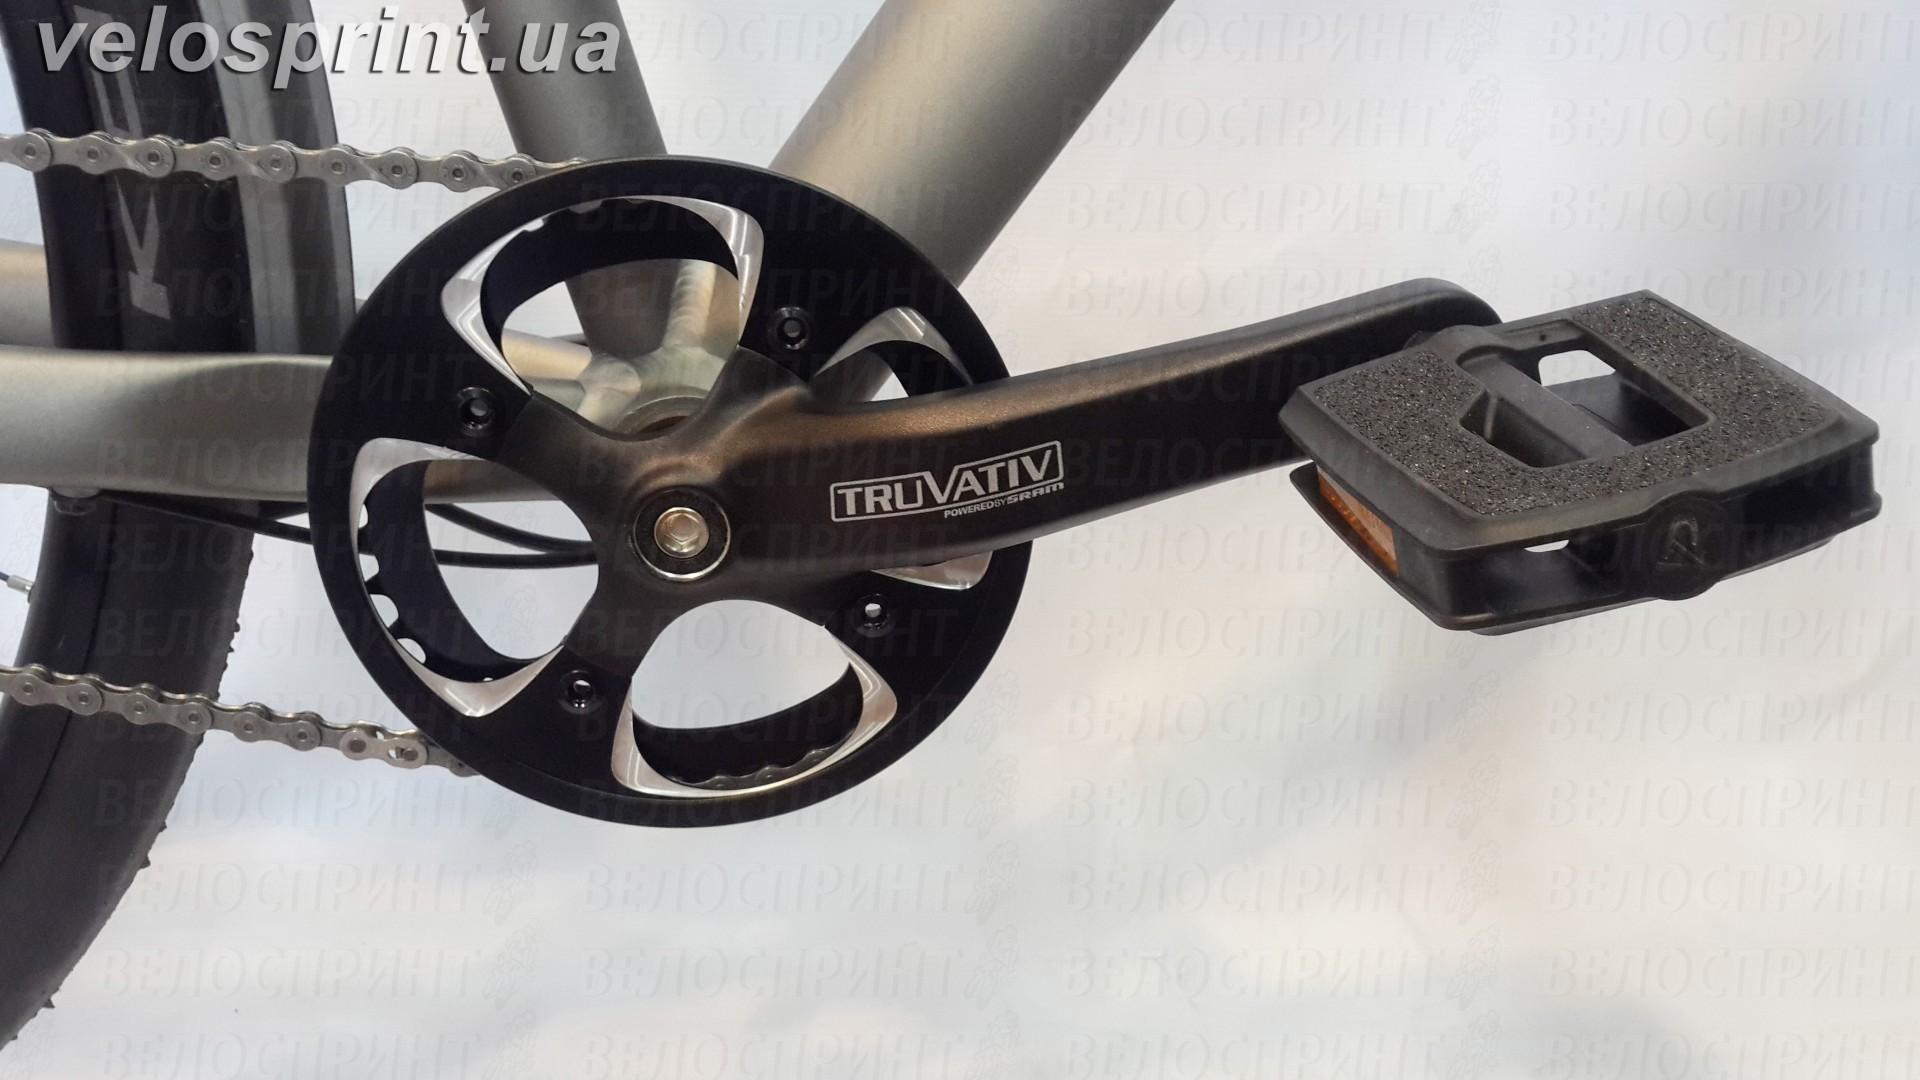 Велосипед GHOST Square Urban 4 grey/limegreen шатуны год 2016